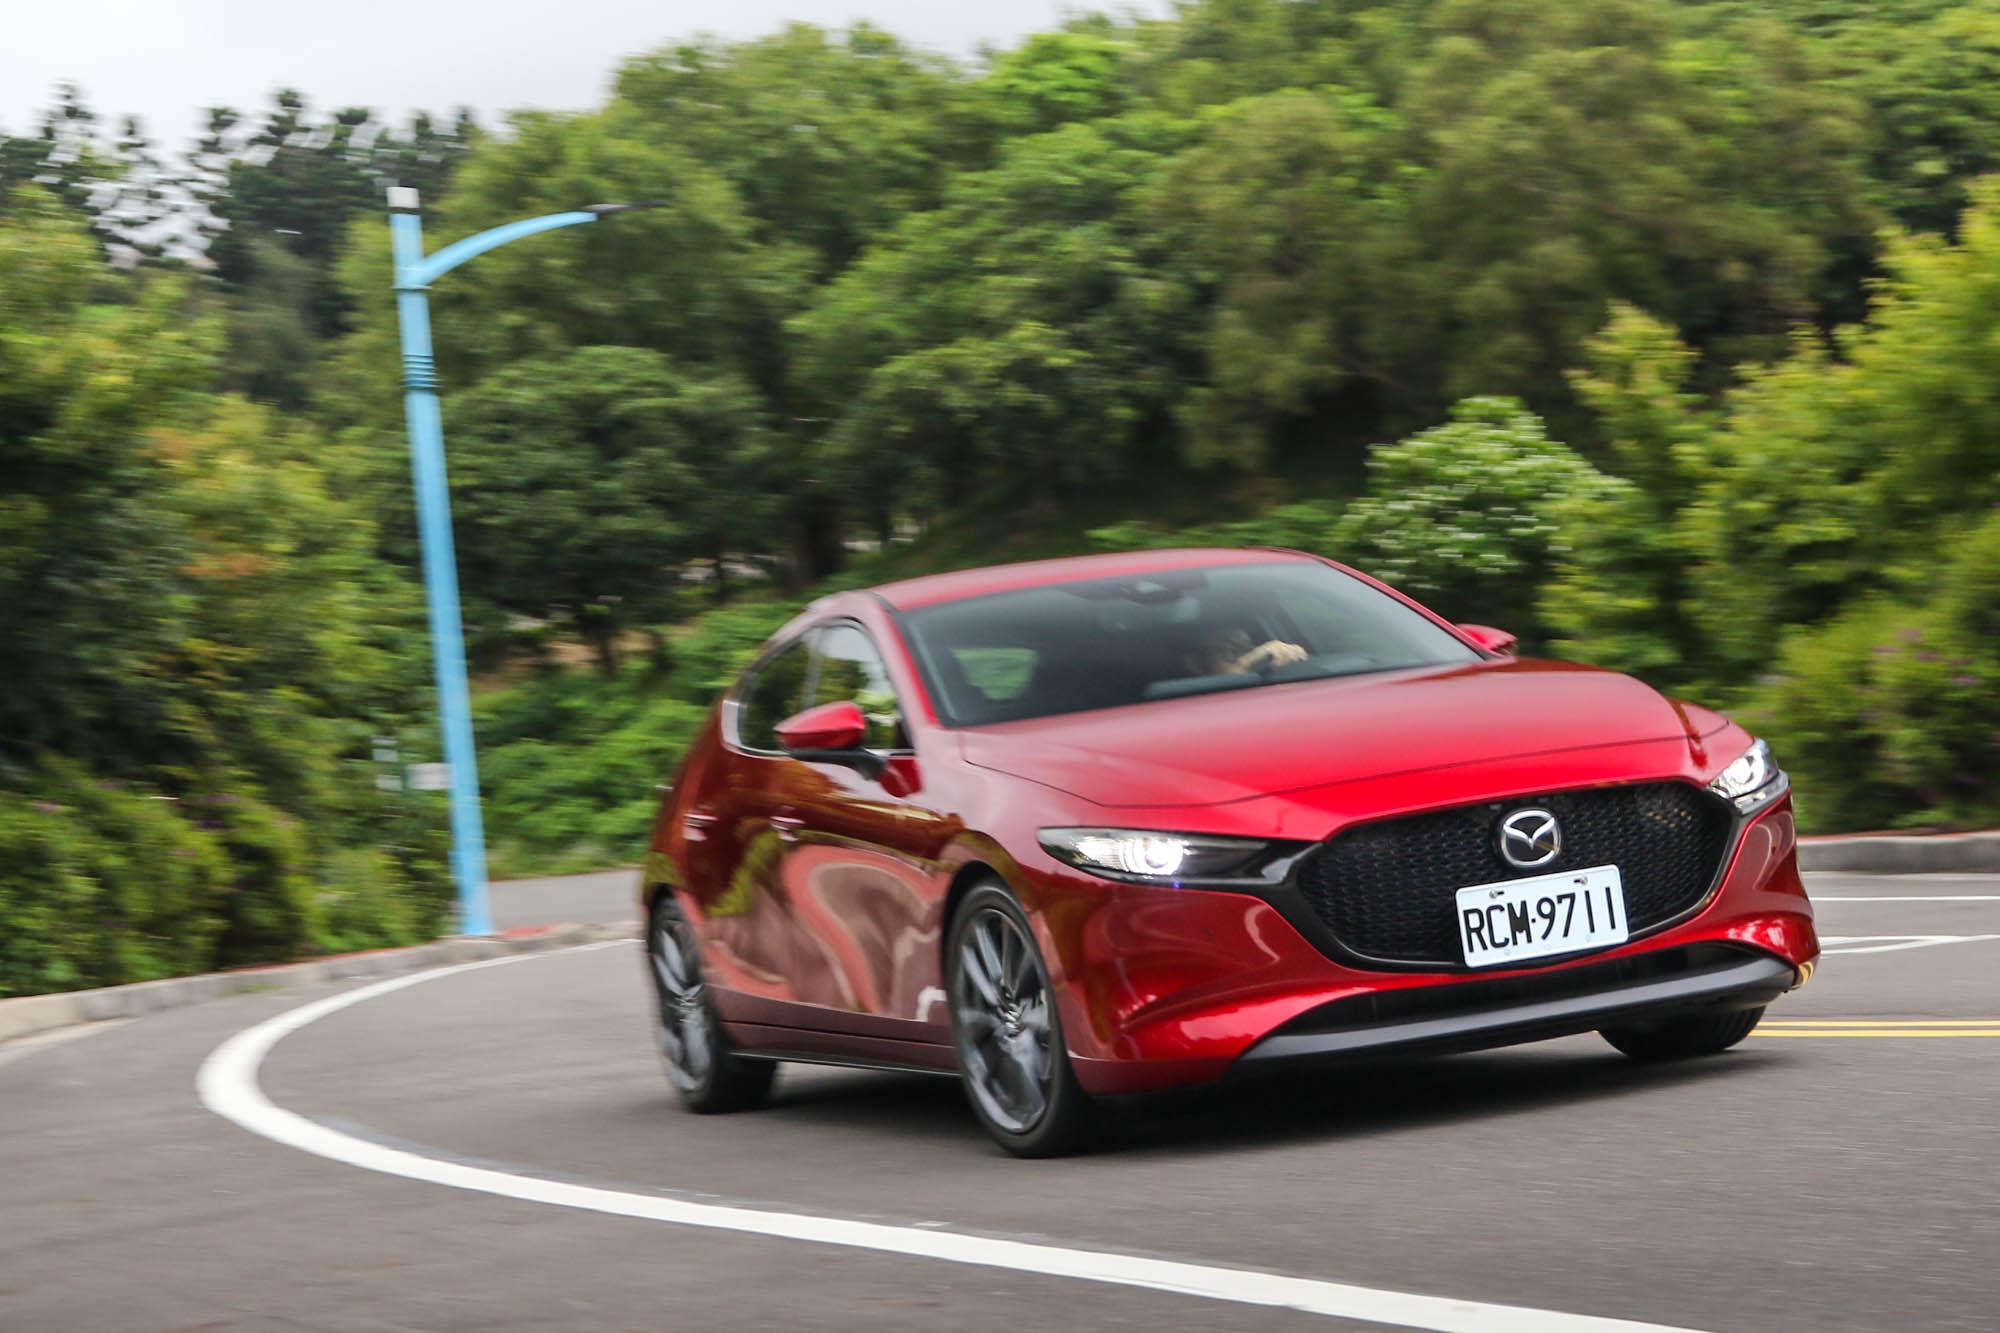 斯文平順的動態駕馭感受,是 Mazda3 最大的特色,雖然開起來不夠熱血,但自然的回饋,卻是長時間相處的好夥伴。